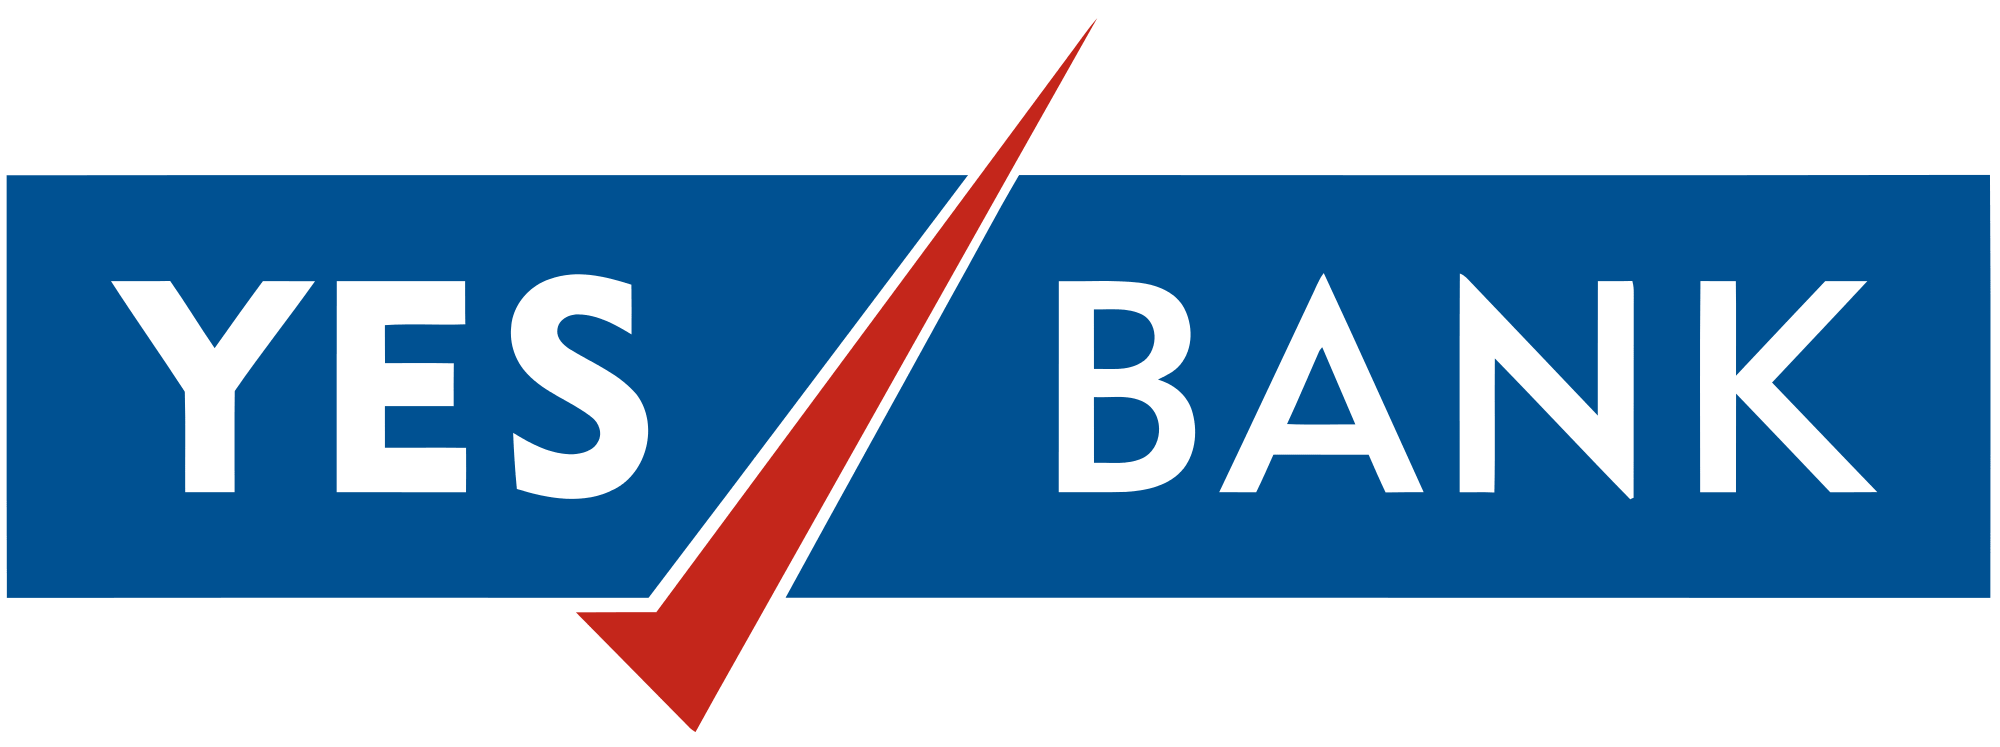 yes-bank logo